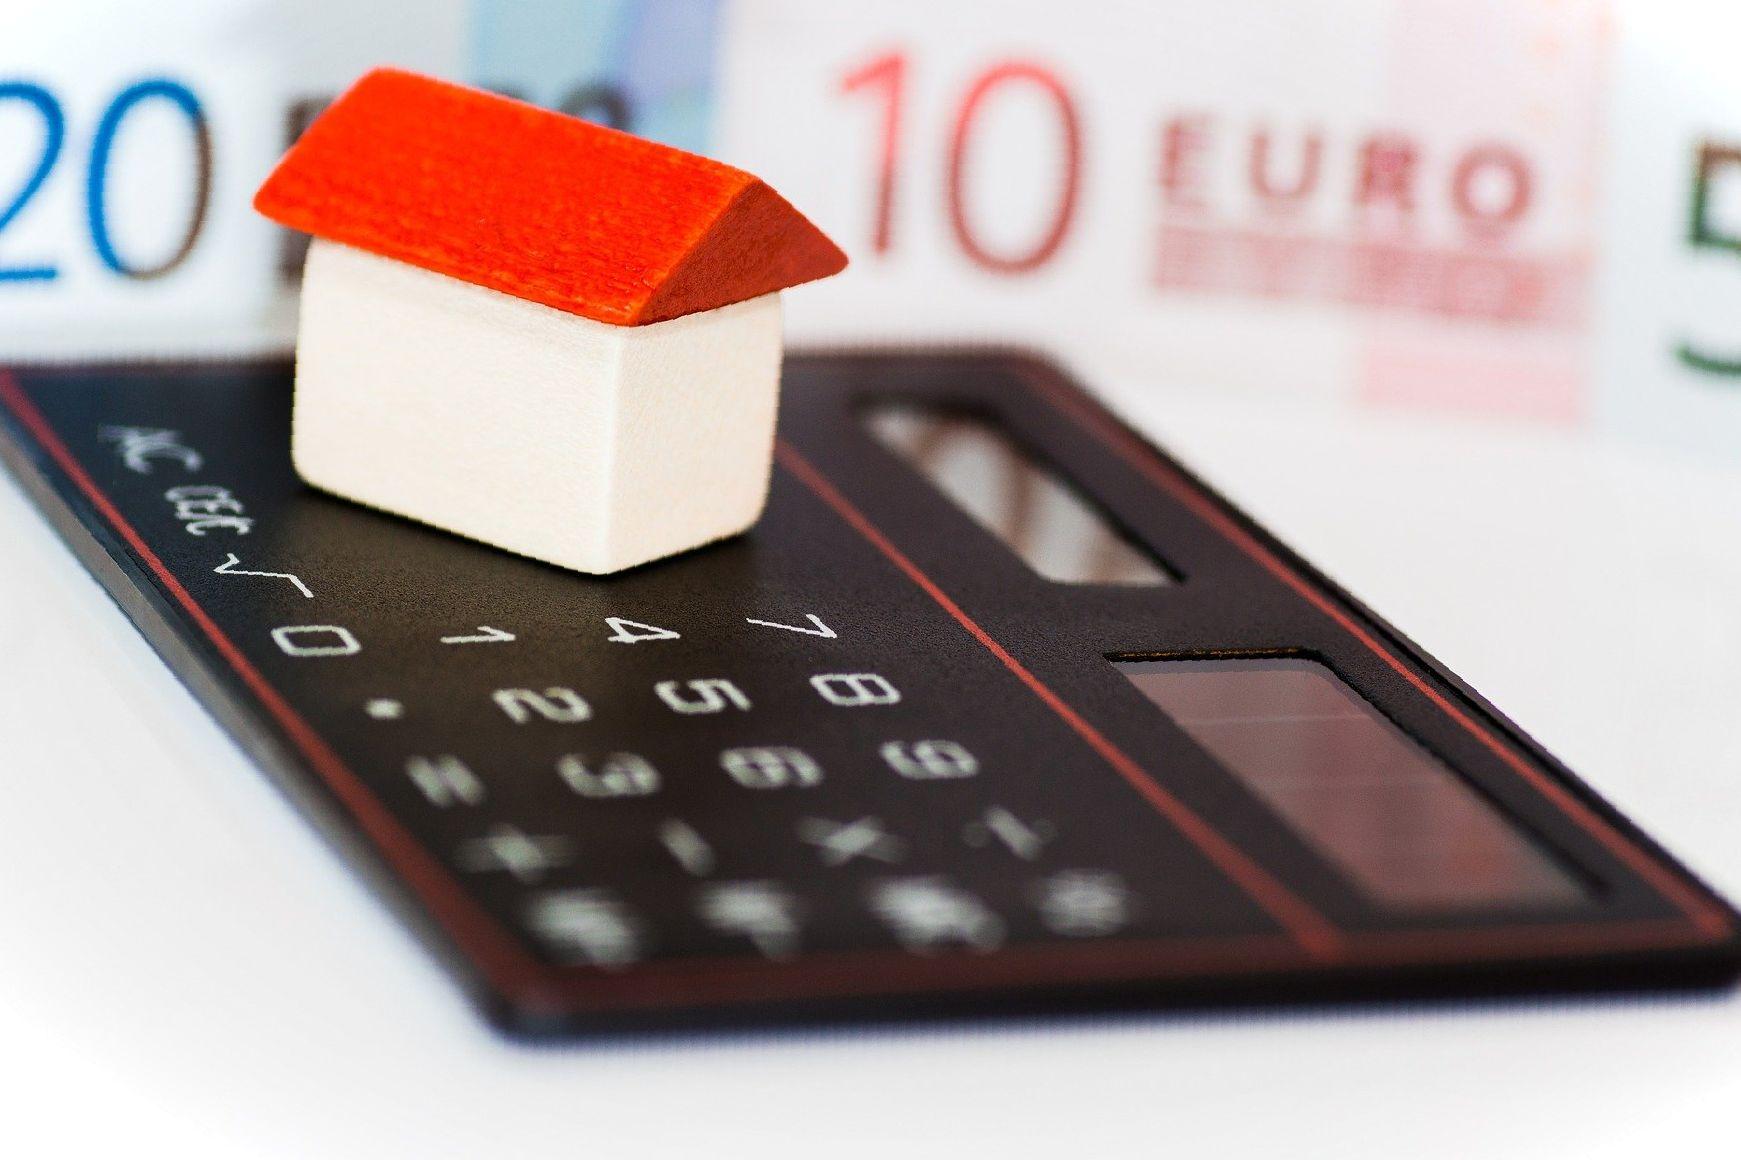 comision apertura hipoteca reclamar